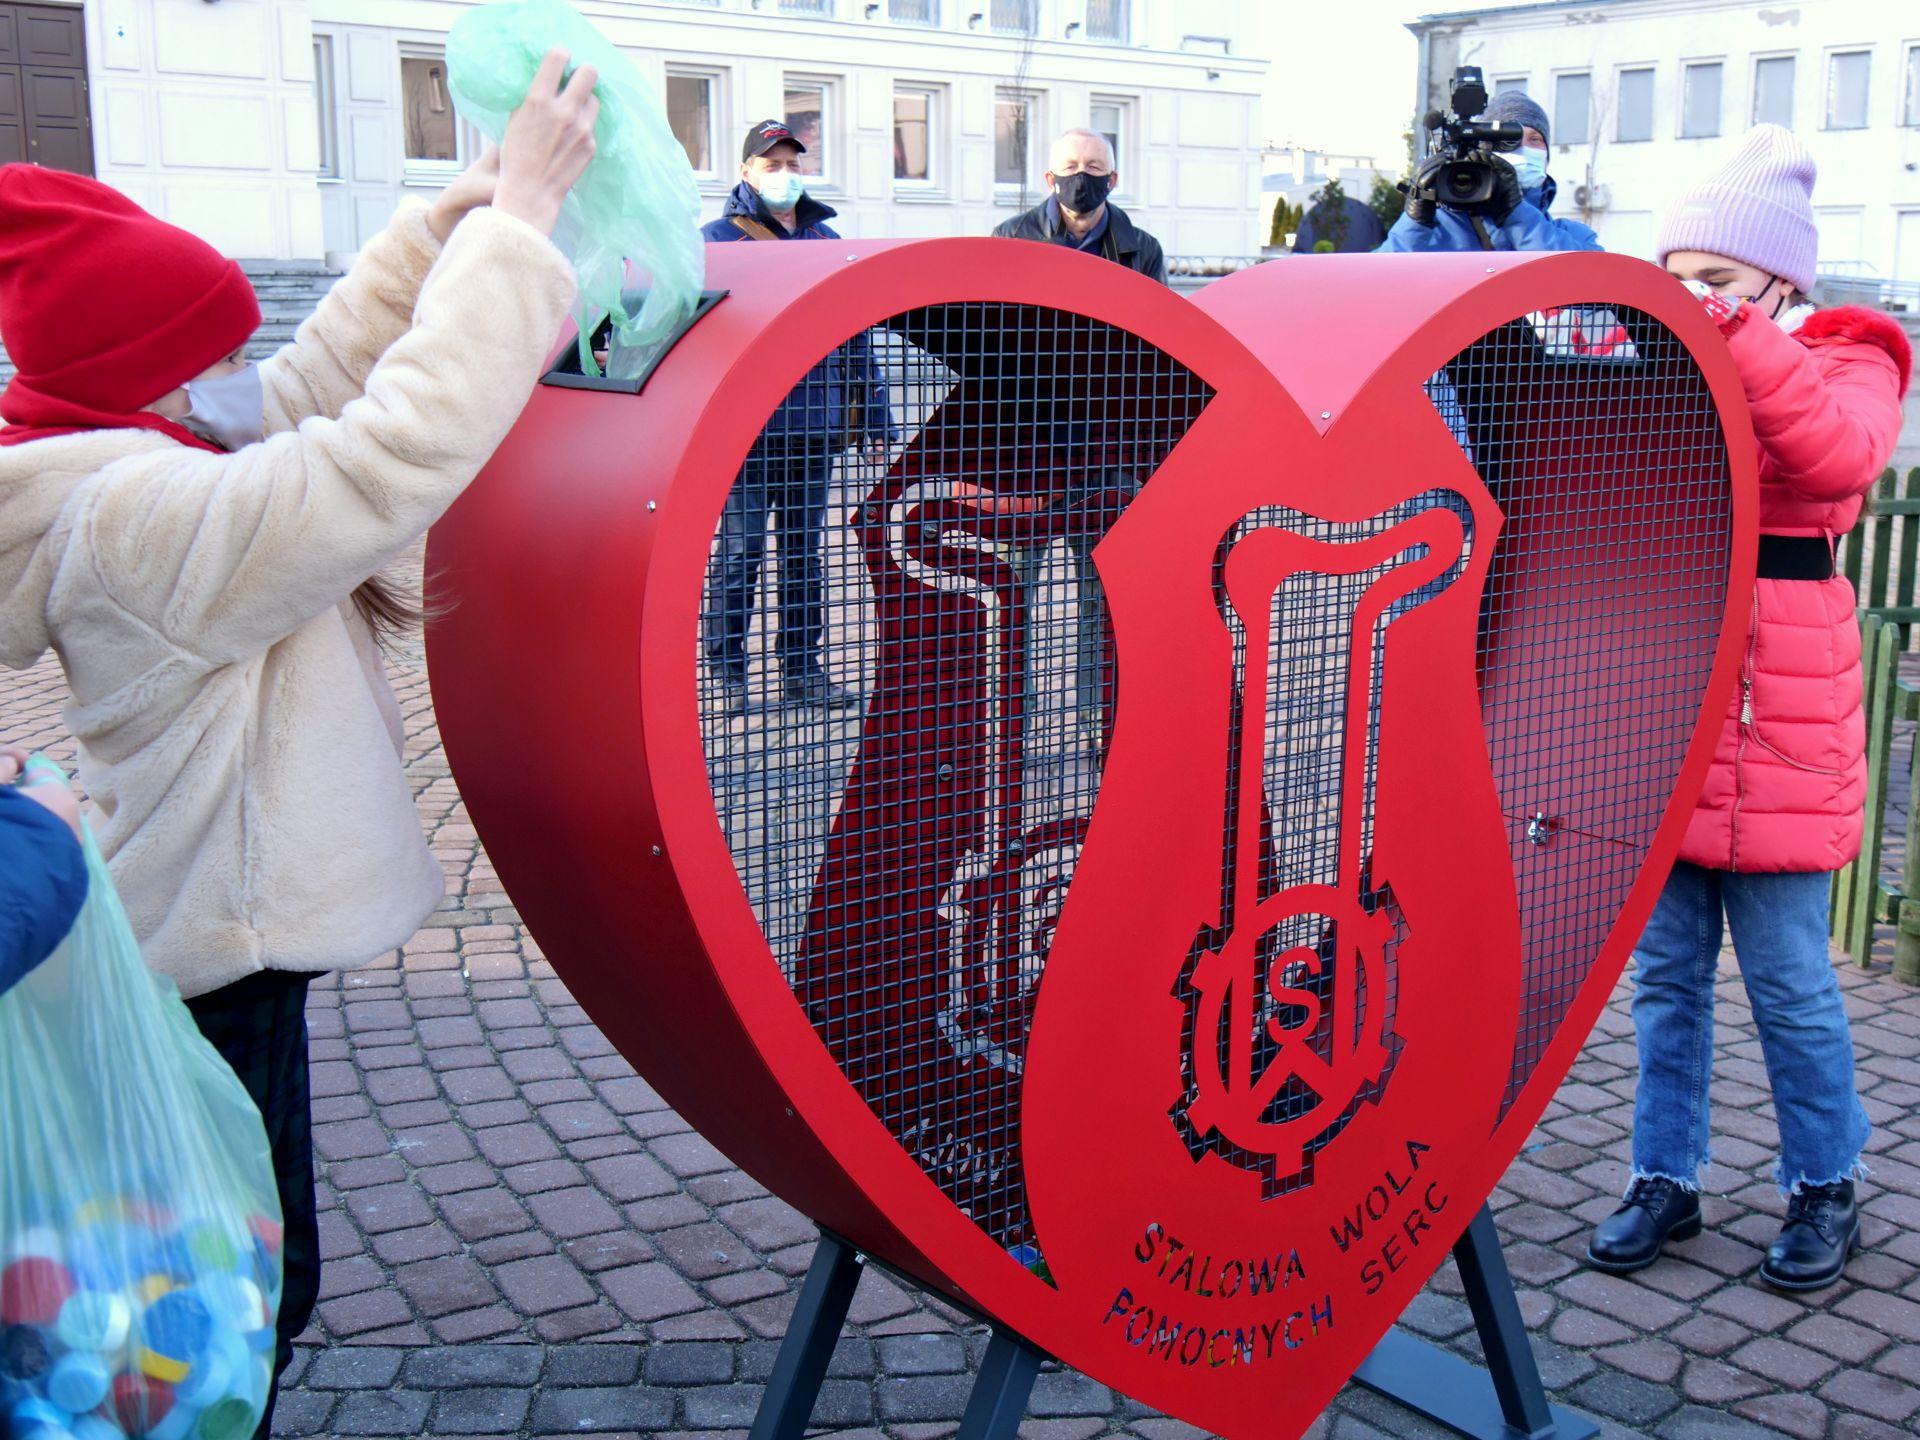 wiele osób, nakrętki, pojemnik w kształcie serca